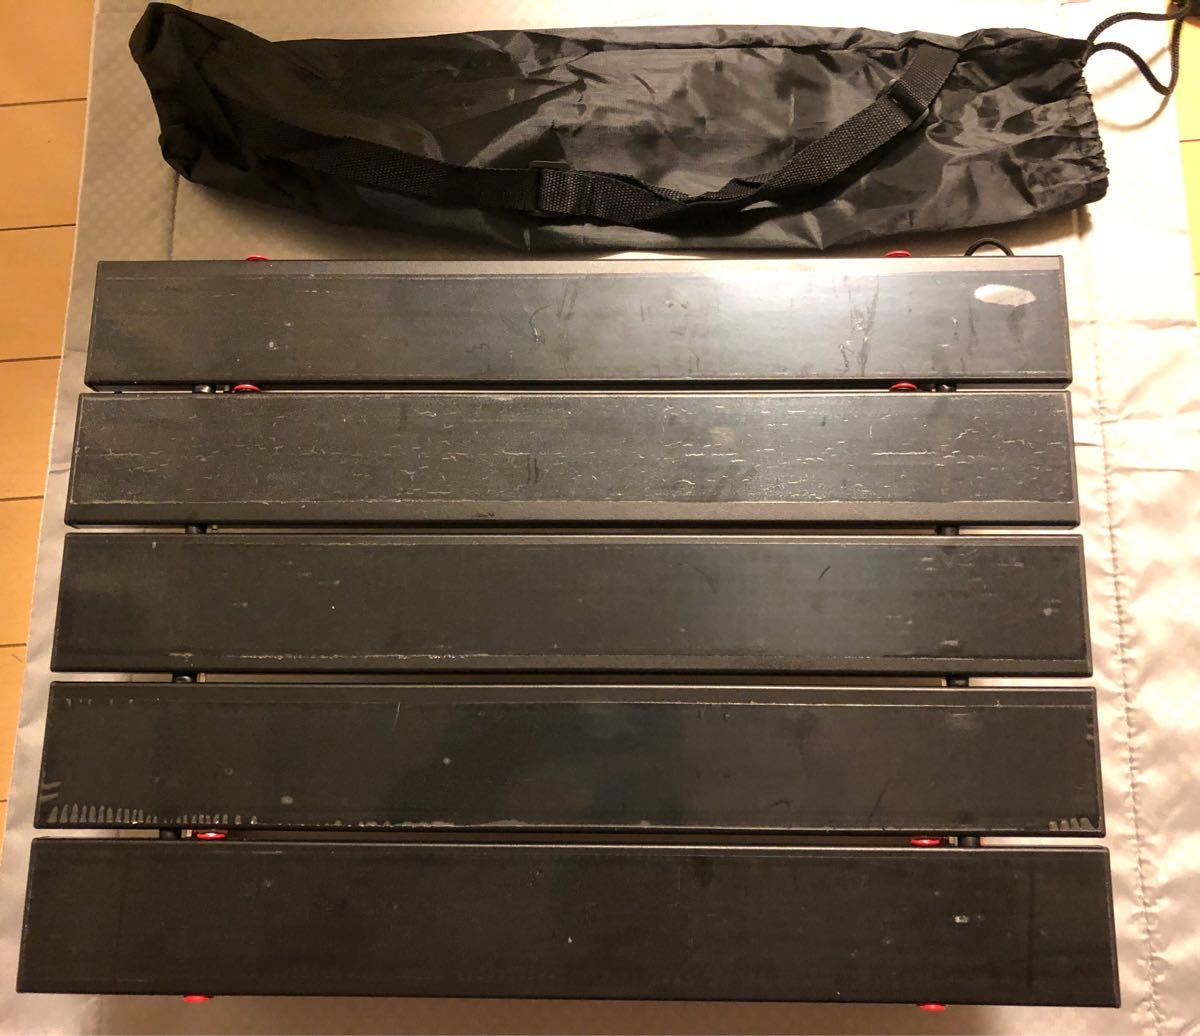 アルミロールテーブル  折り畳みテーブル アウトドアテーブル 専用ショルダー収納袋付き